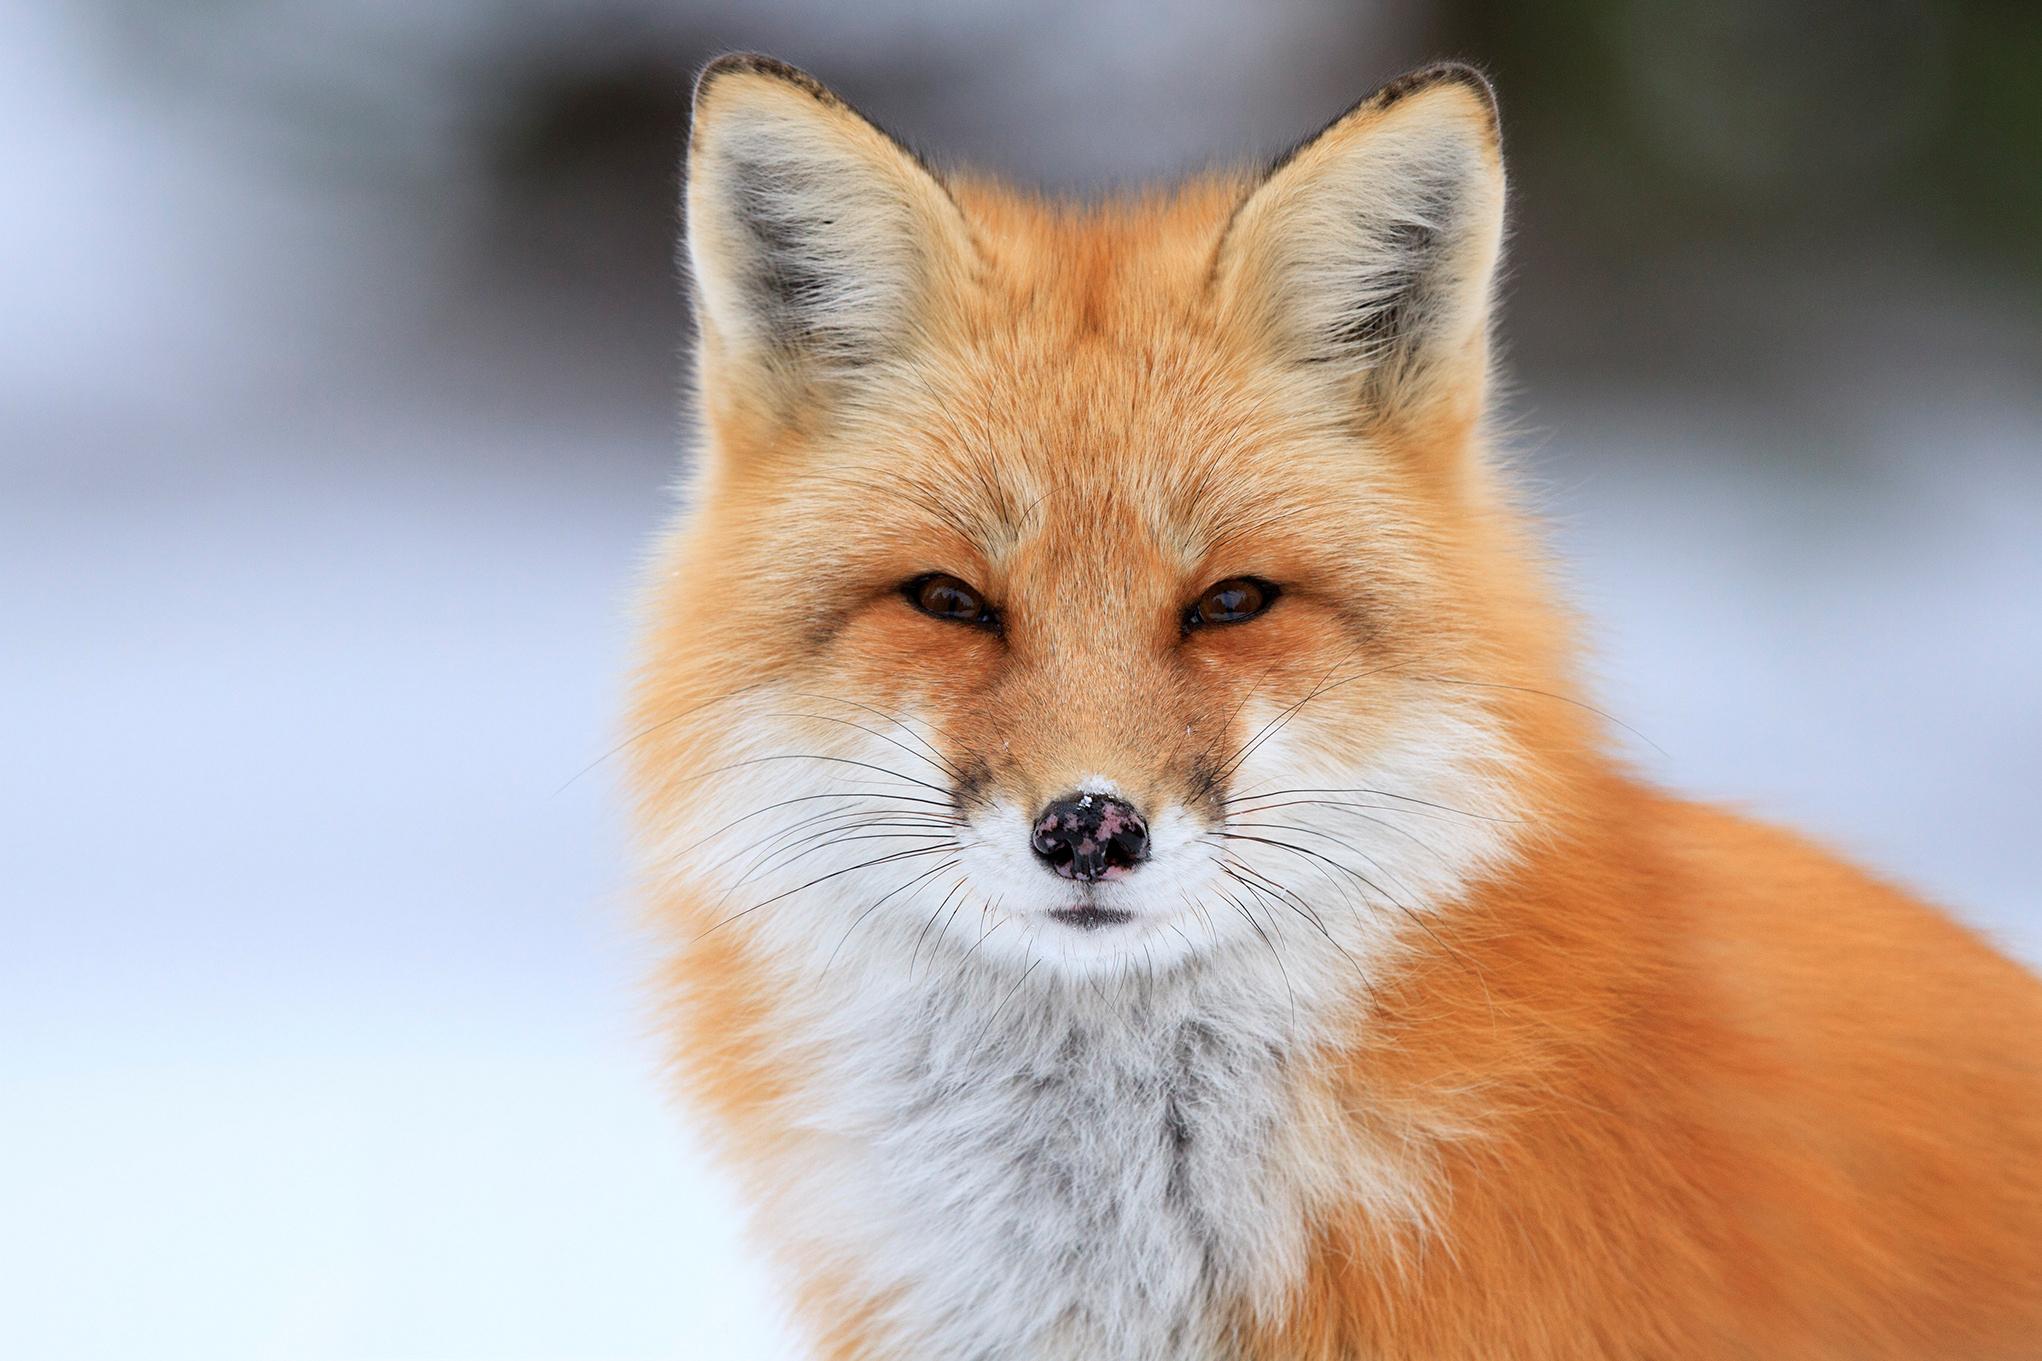 Фото лисы качественное #10